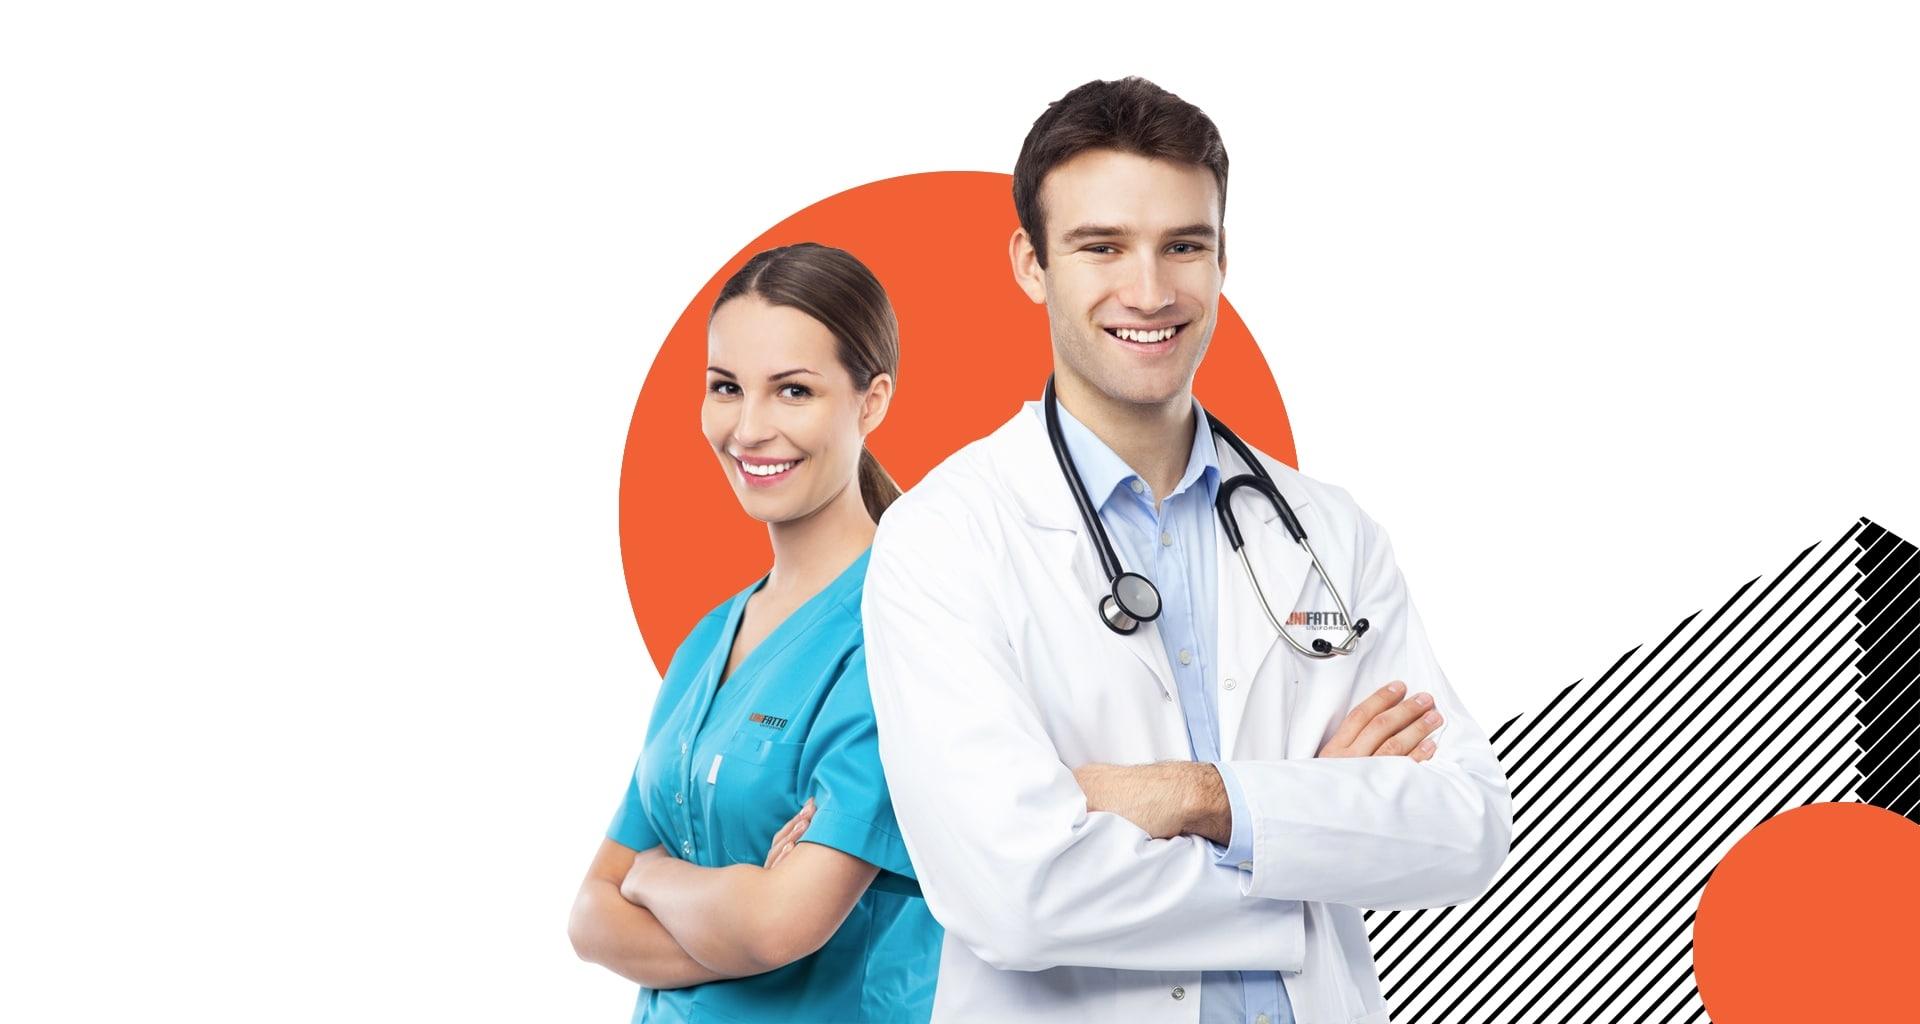 Pessoas usando uniforme hospitalar com a logo da Unifatto